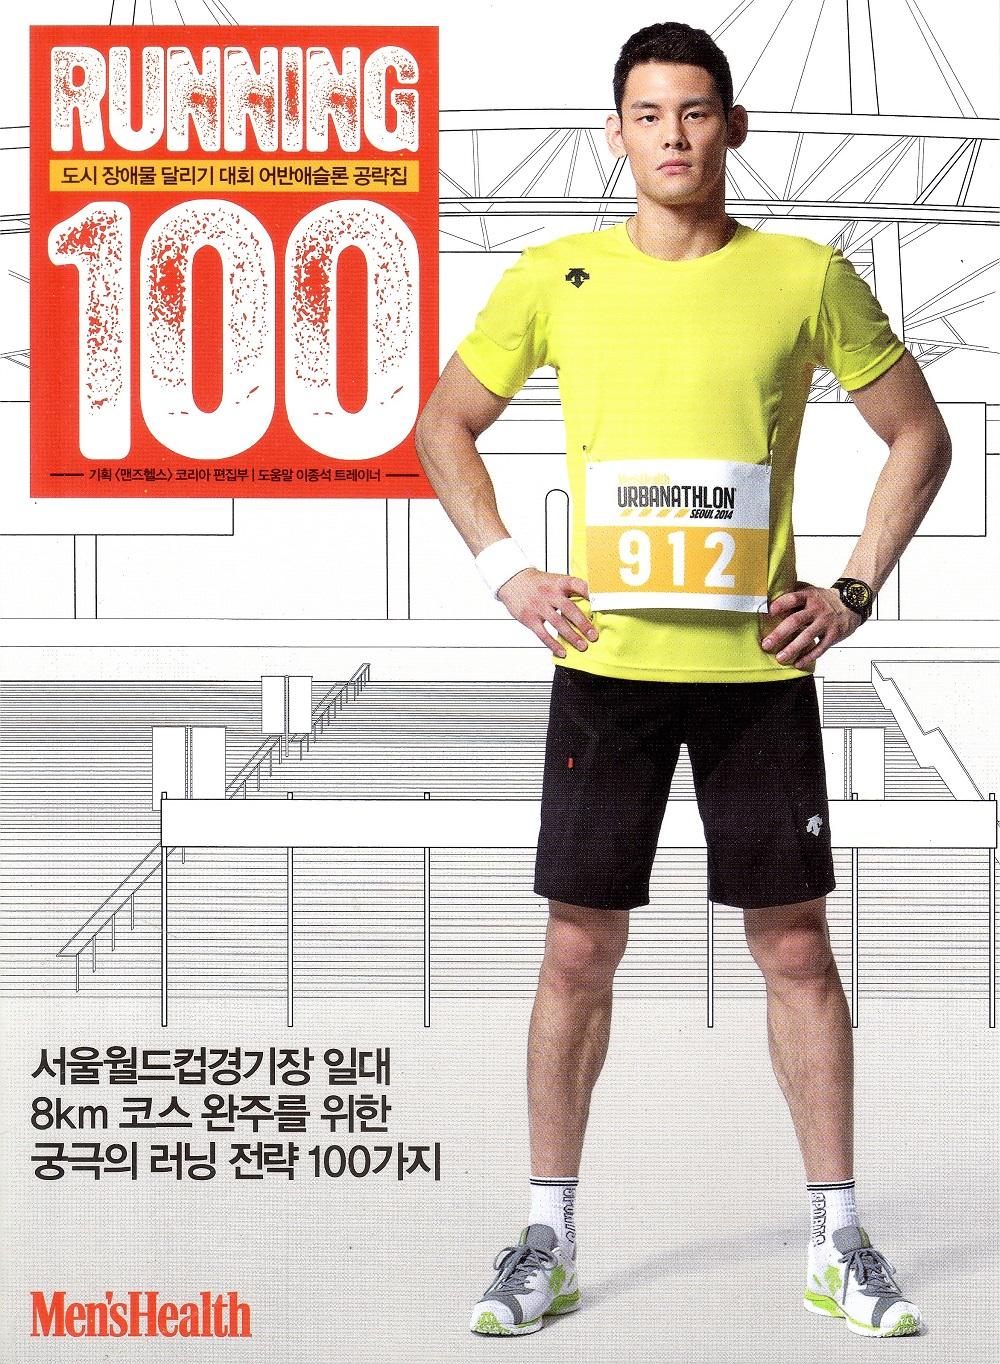 Men's Health Sep 14, supplement